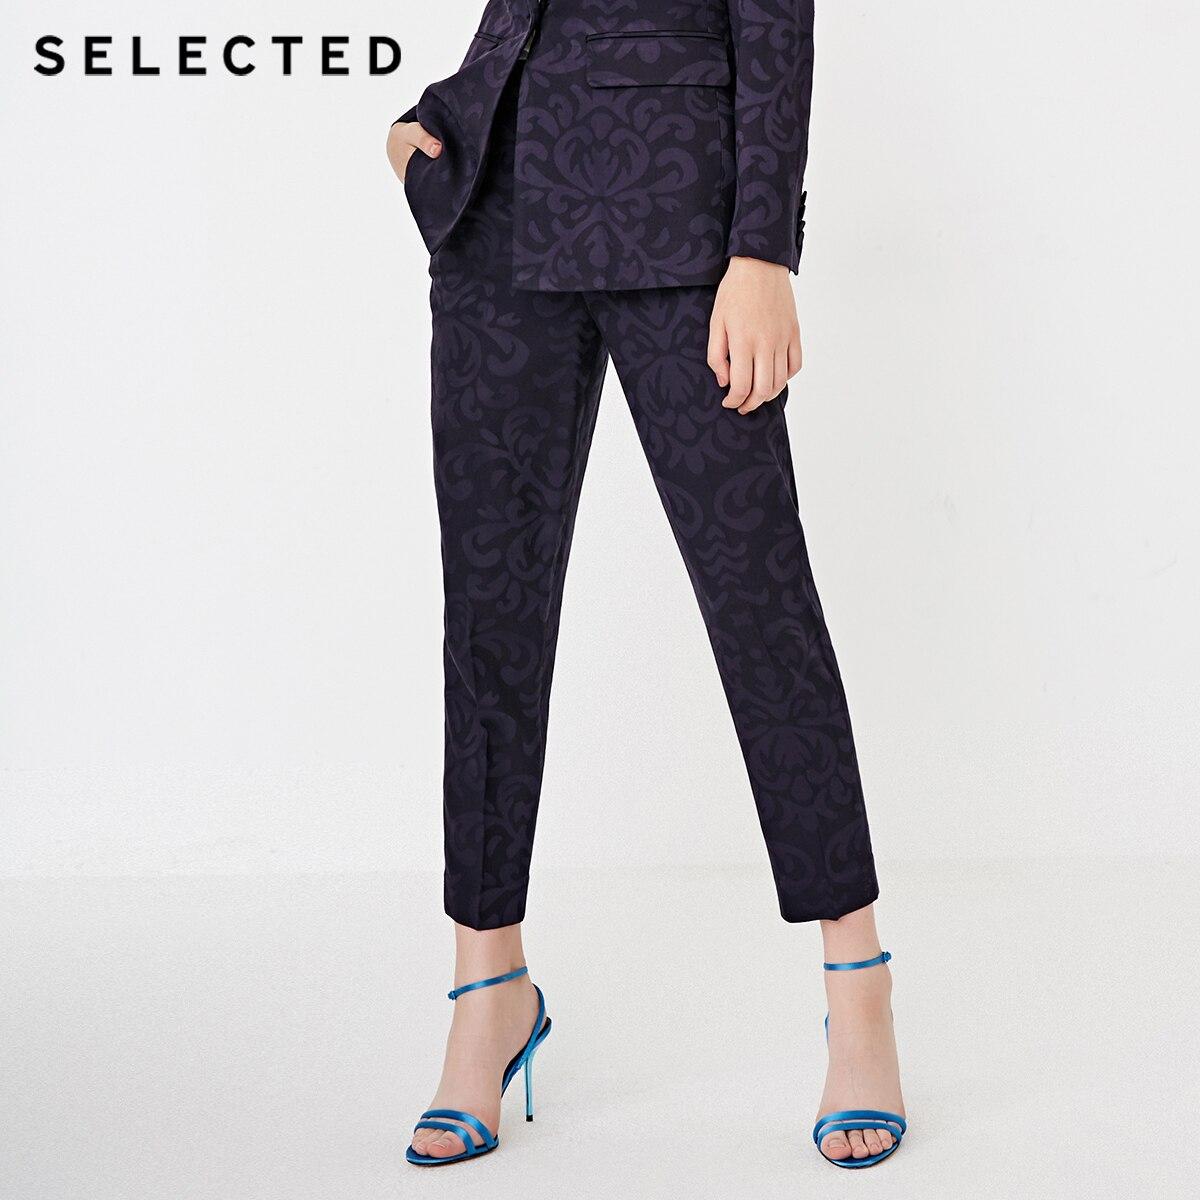 เลือกผู้หญิงฤดูหนาว Jacquard OL ธุรกิจสบายๆ Tapered กางเกง S  418414517-ใน กางเกงและกางเกงรัดรูป จาก เสื้อผ้าสตรี บน   1